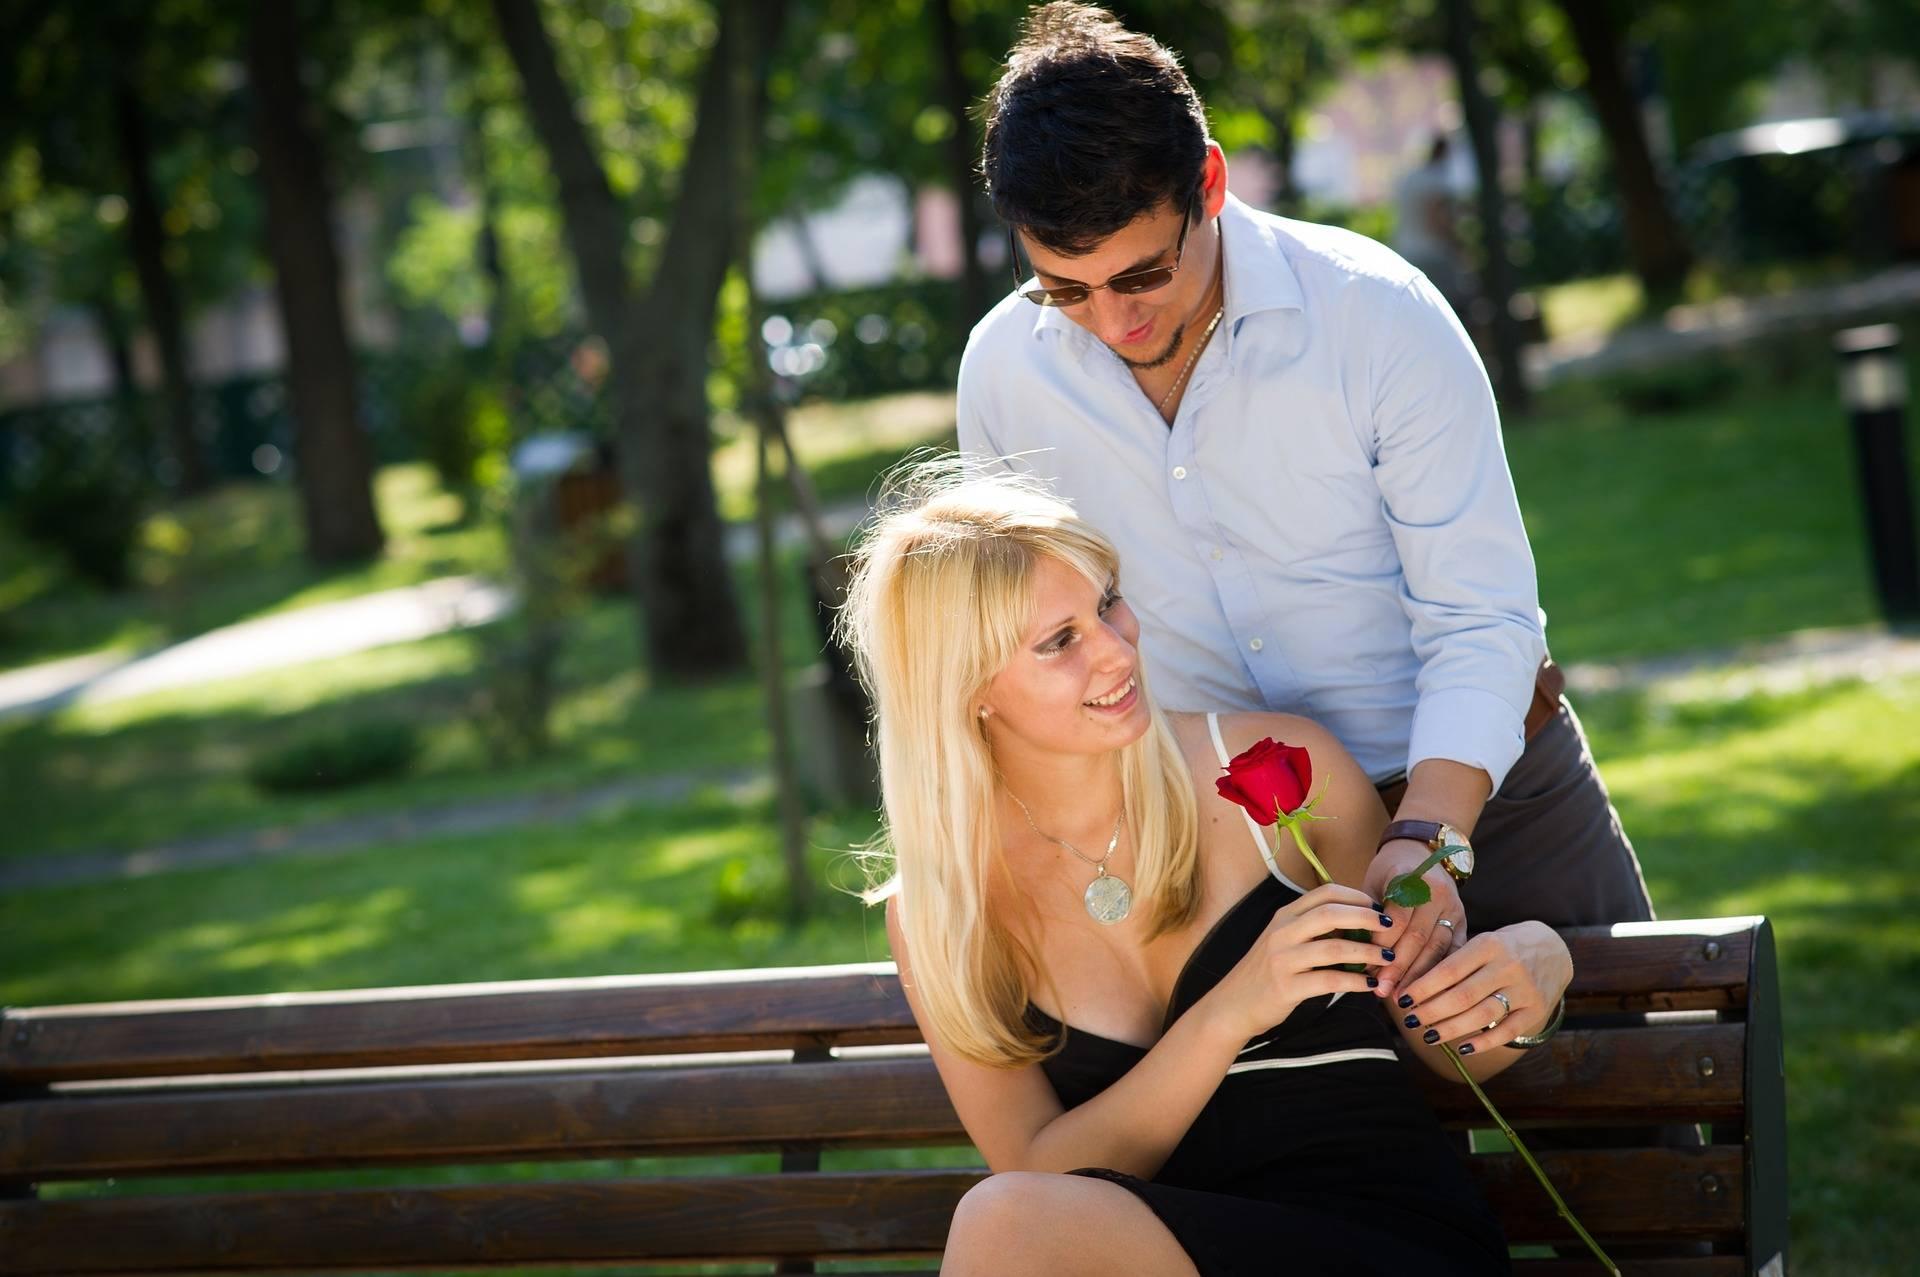 True Love vs. Narcissist Love – When to Leave